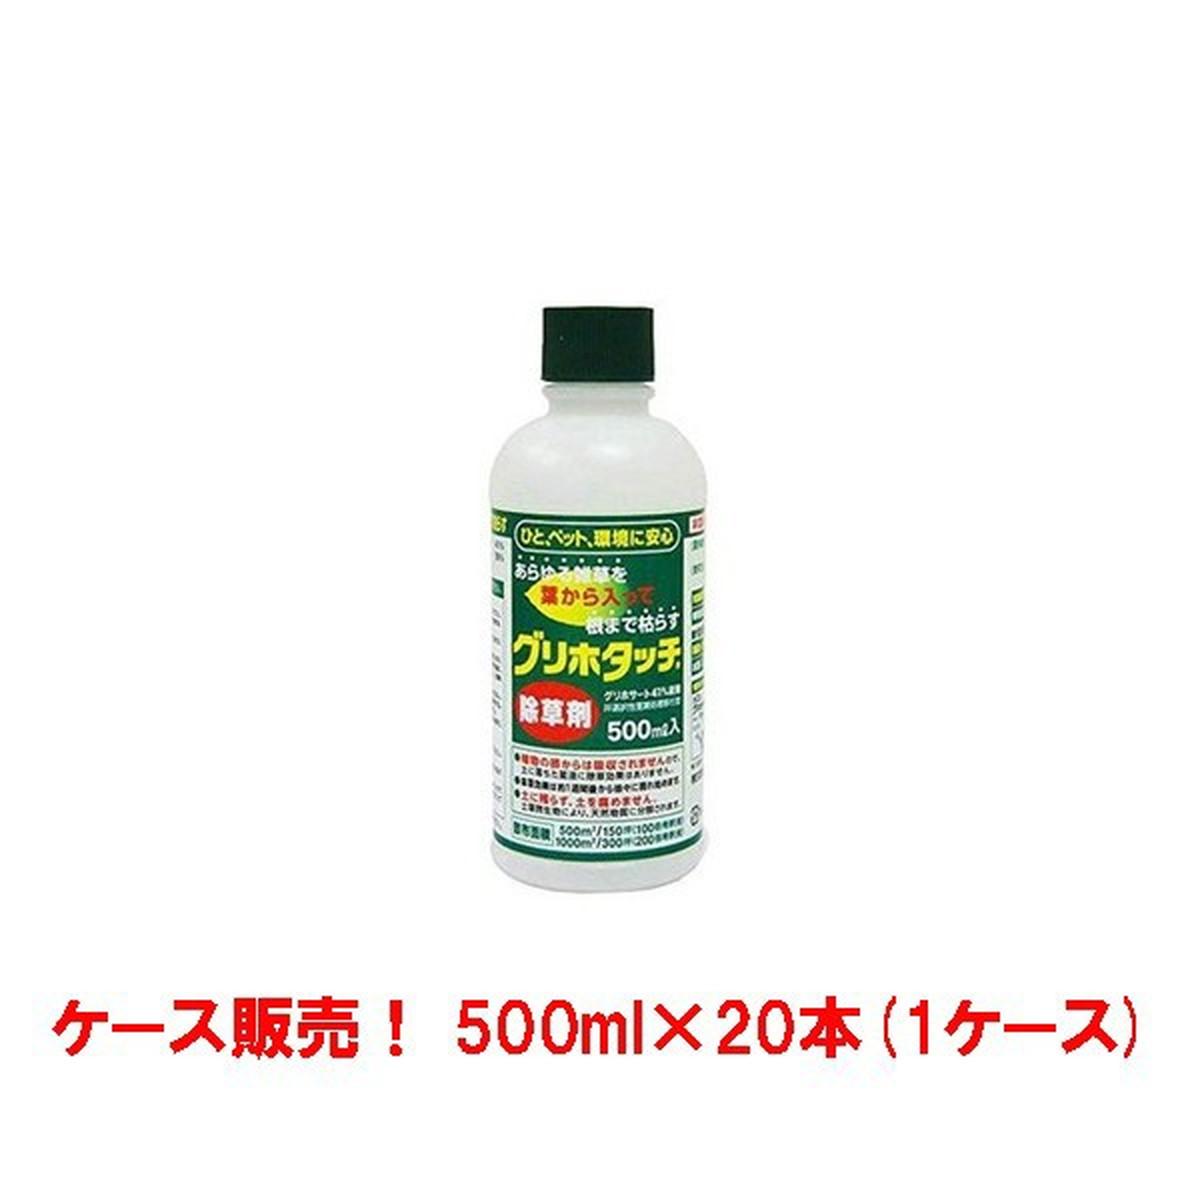 グリホタッチ 500ml 20本入り ケース売り 除草剤